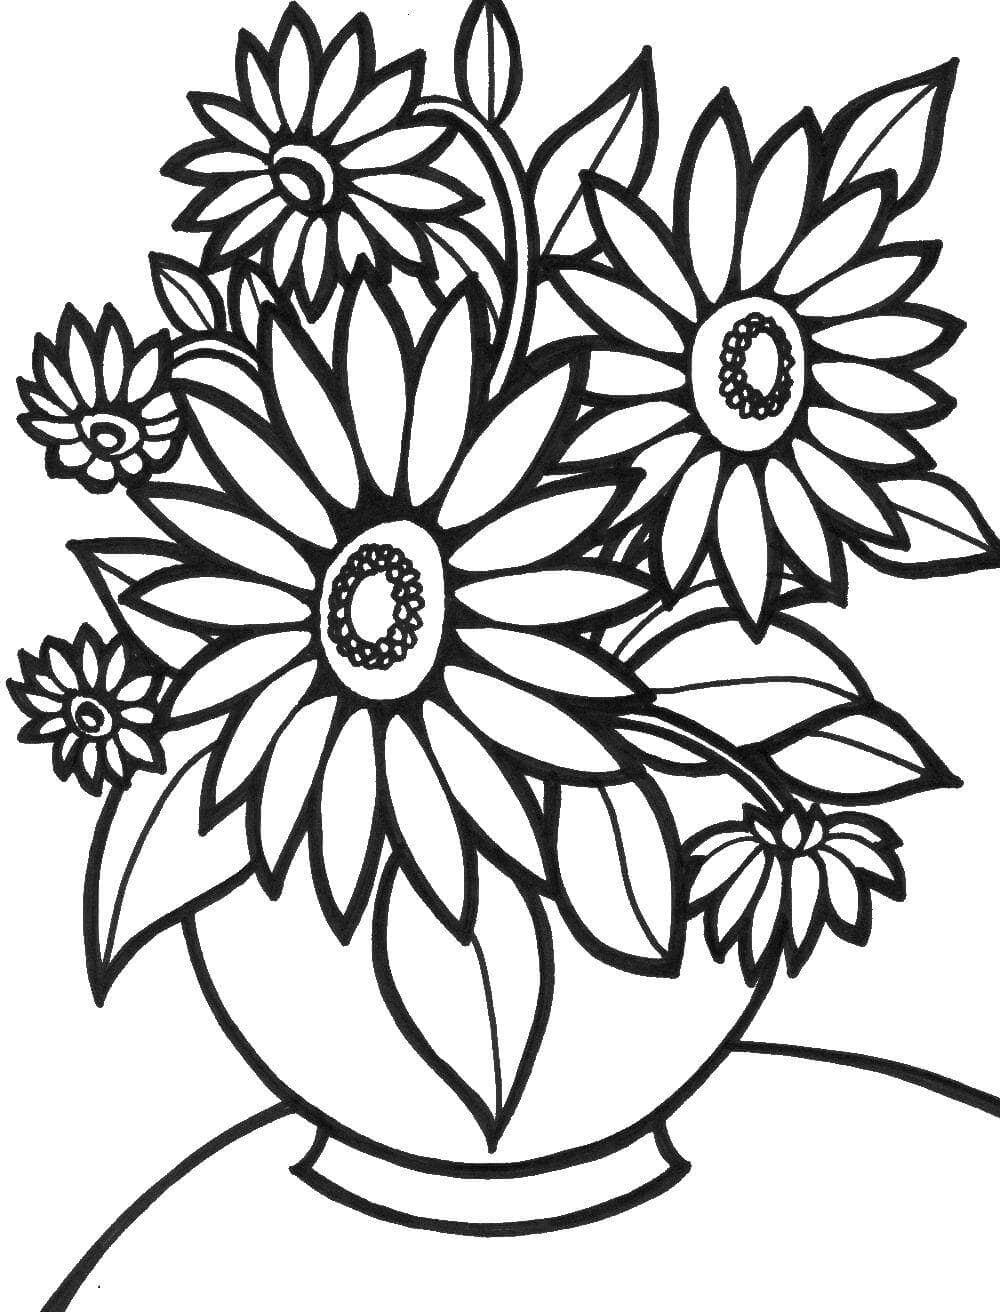 Картинки, цветы картинки черно-белые раскраски